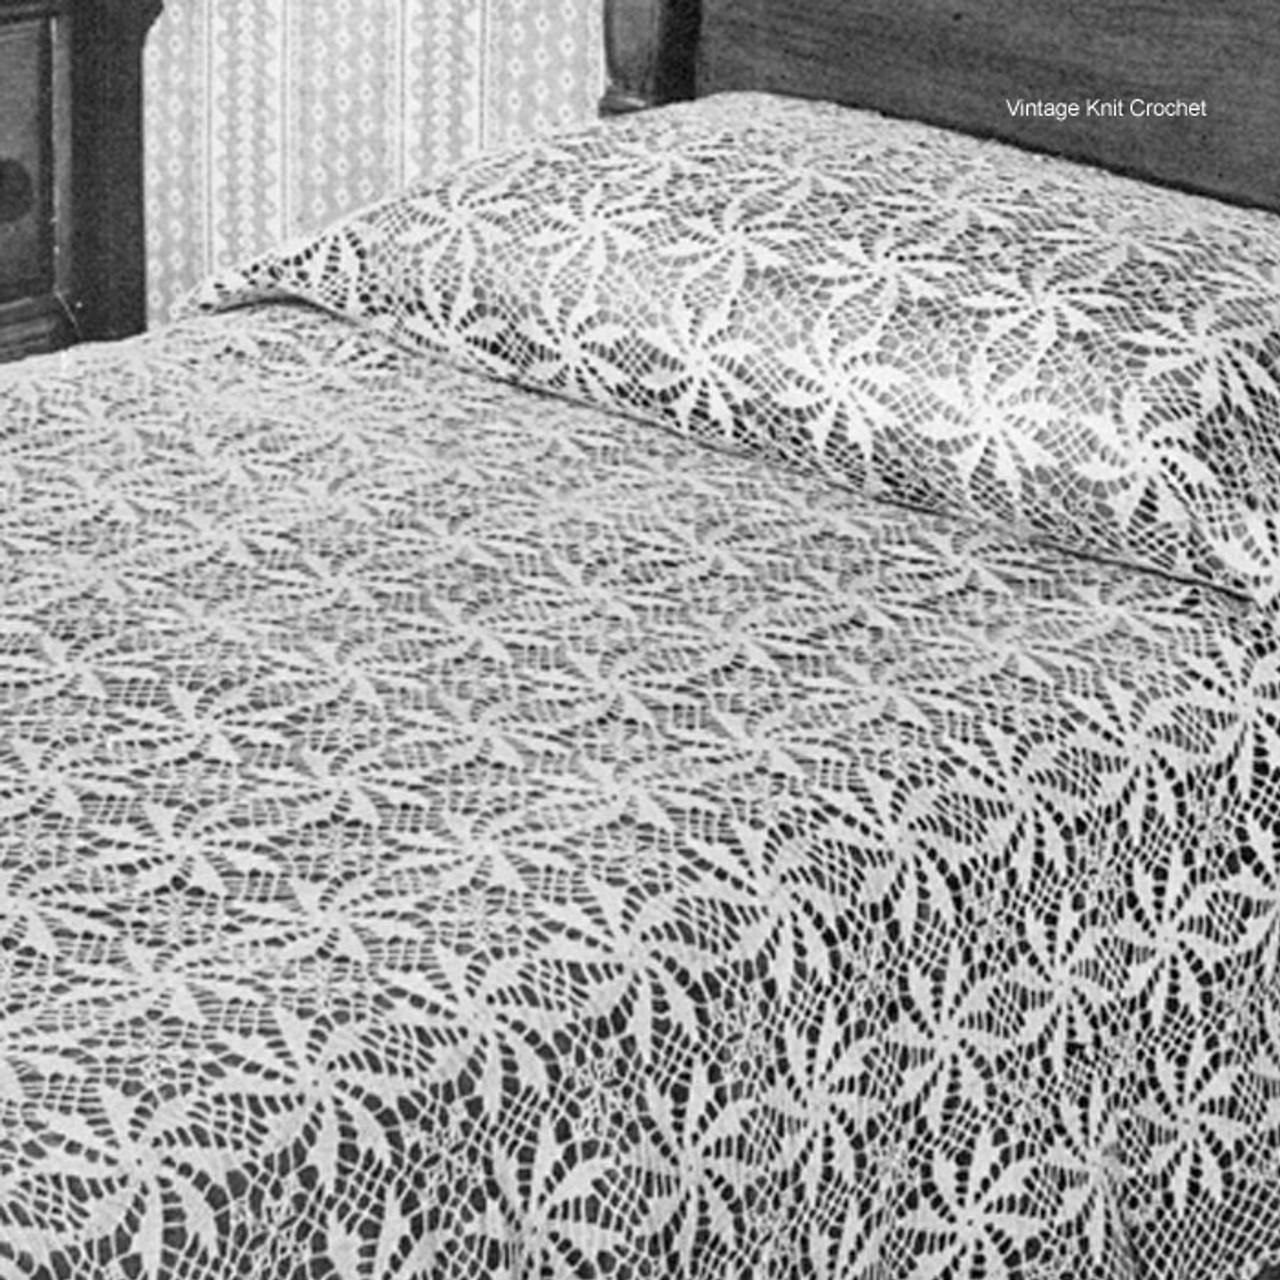 Flower Crochet Bedspread Pattern No 6105